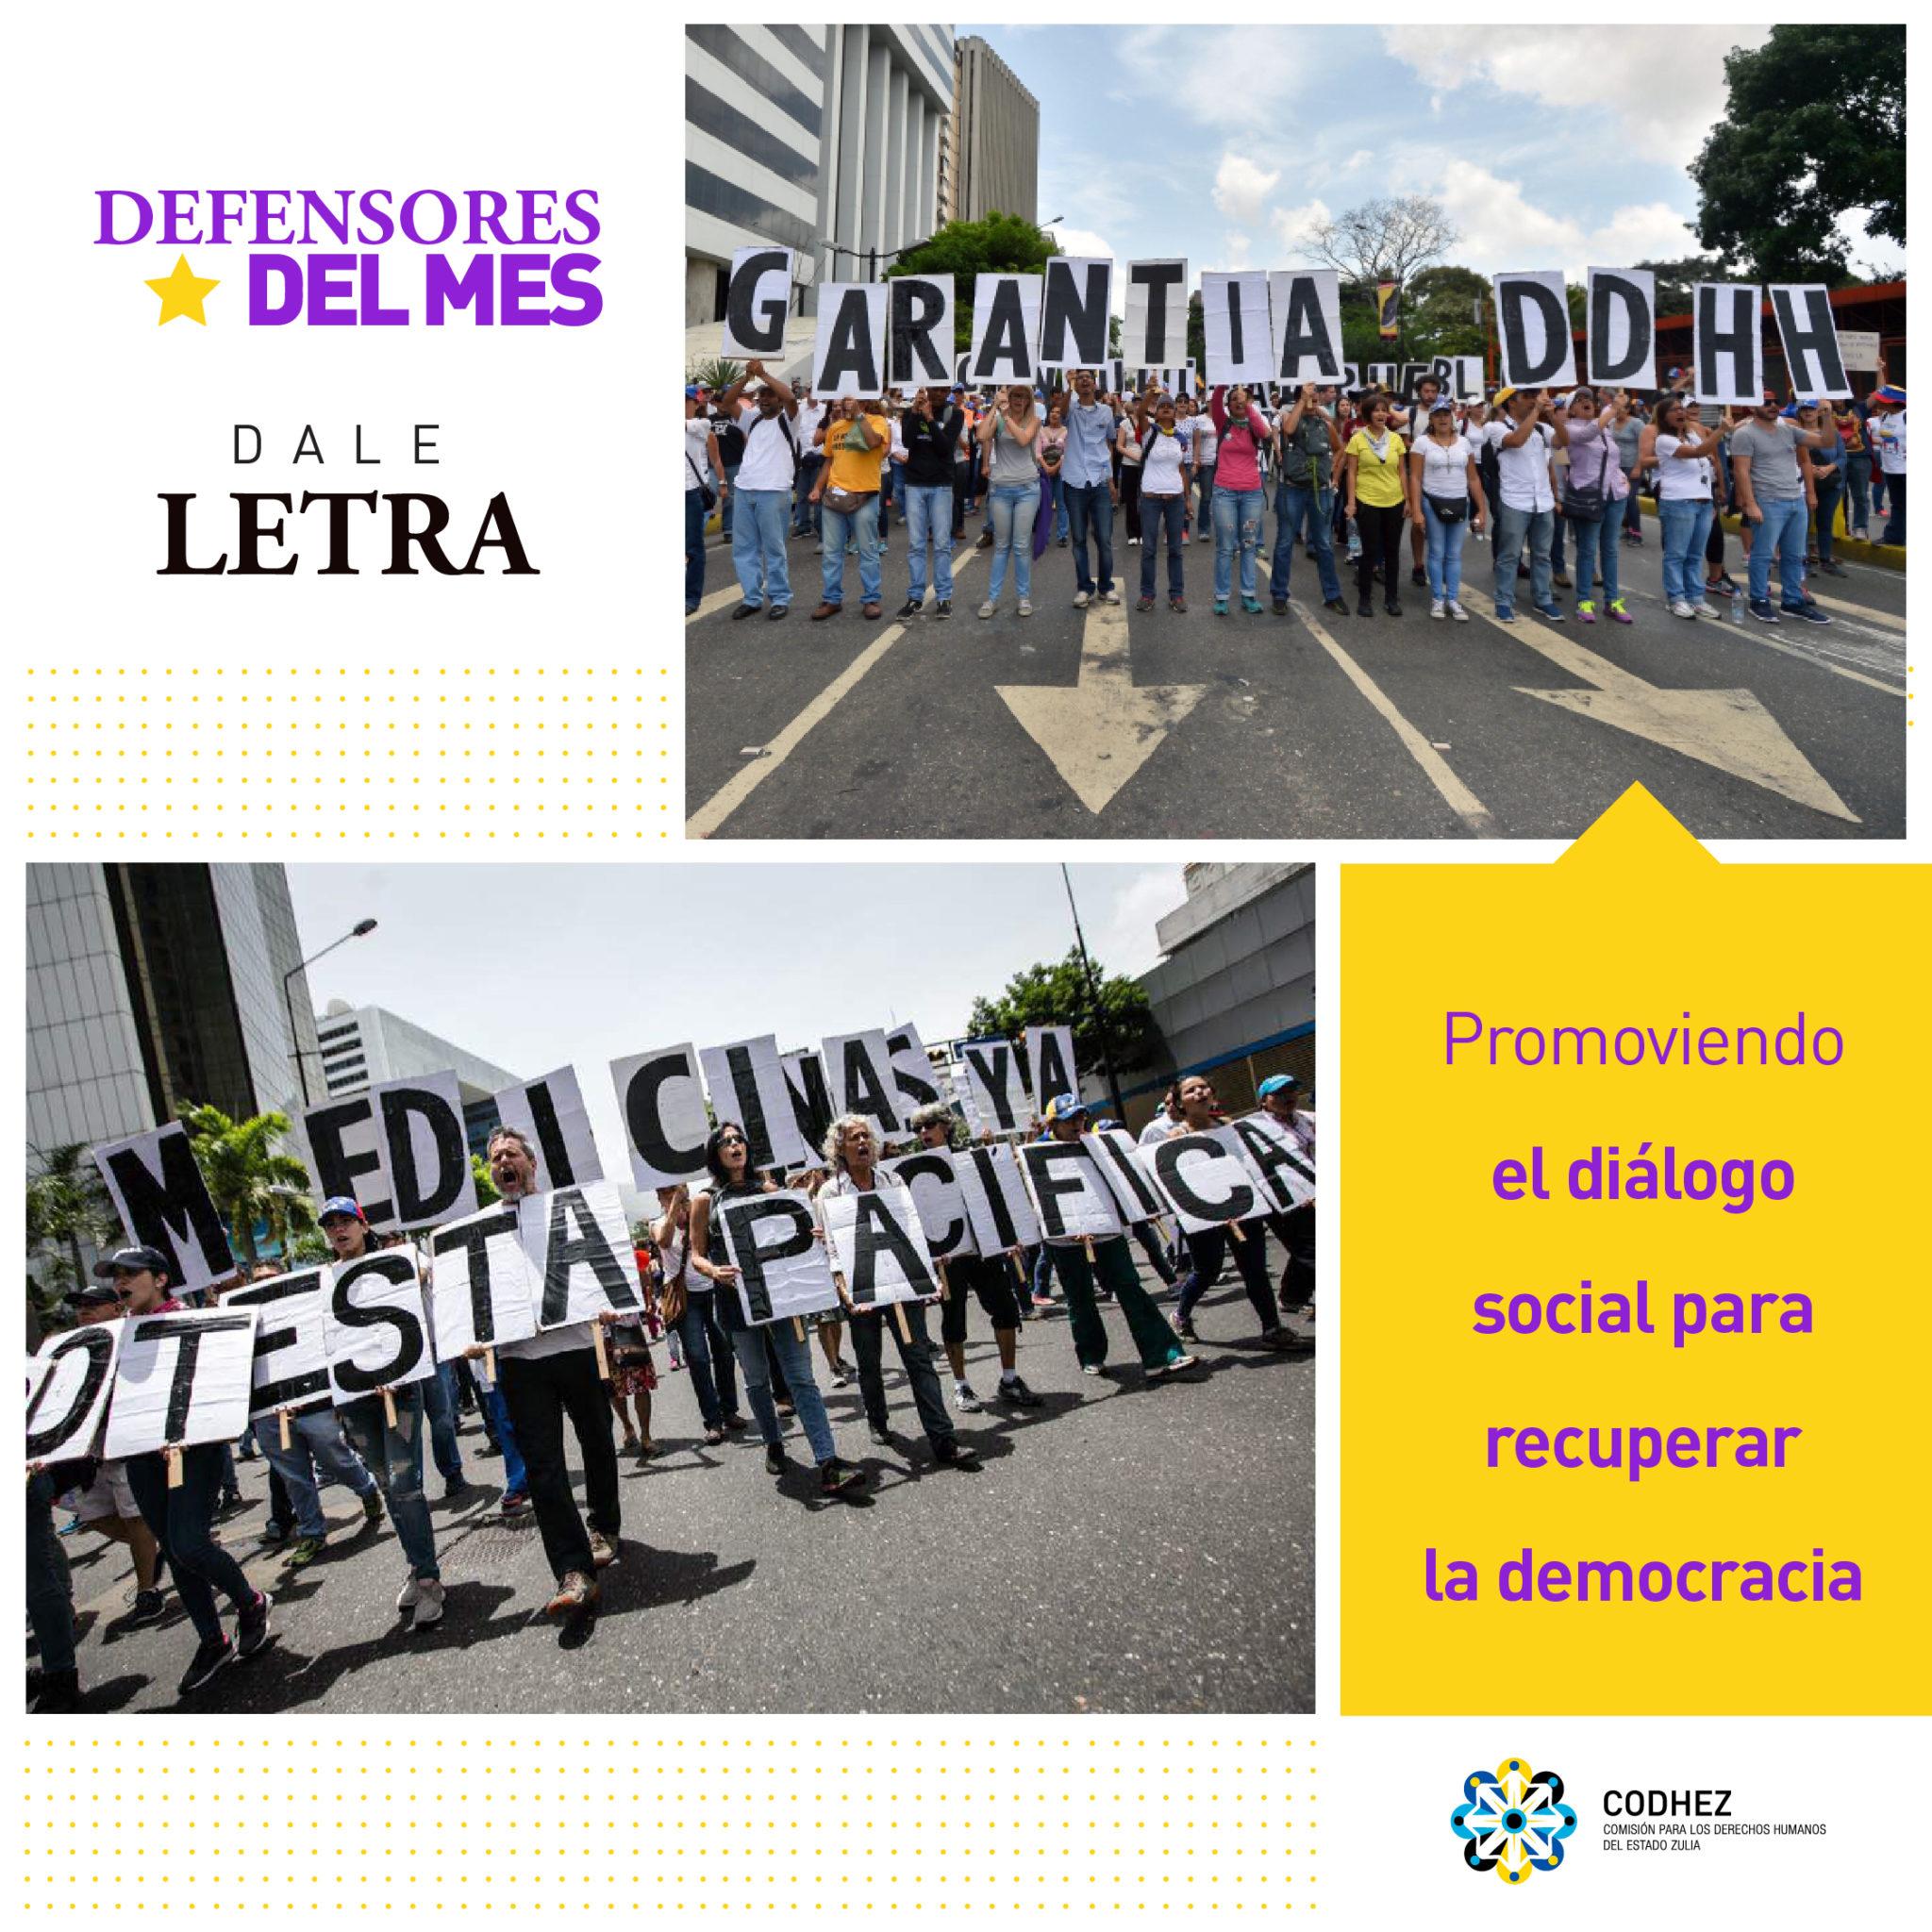 Dale Letra apuesta por el diálogo social para la recuperación de la democracia en Venezuela